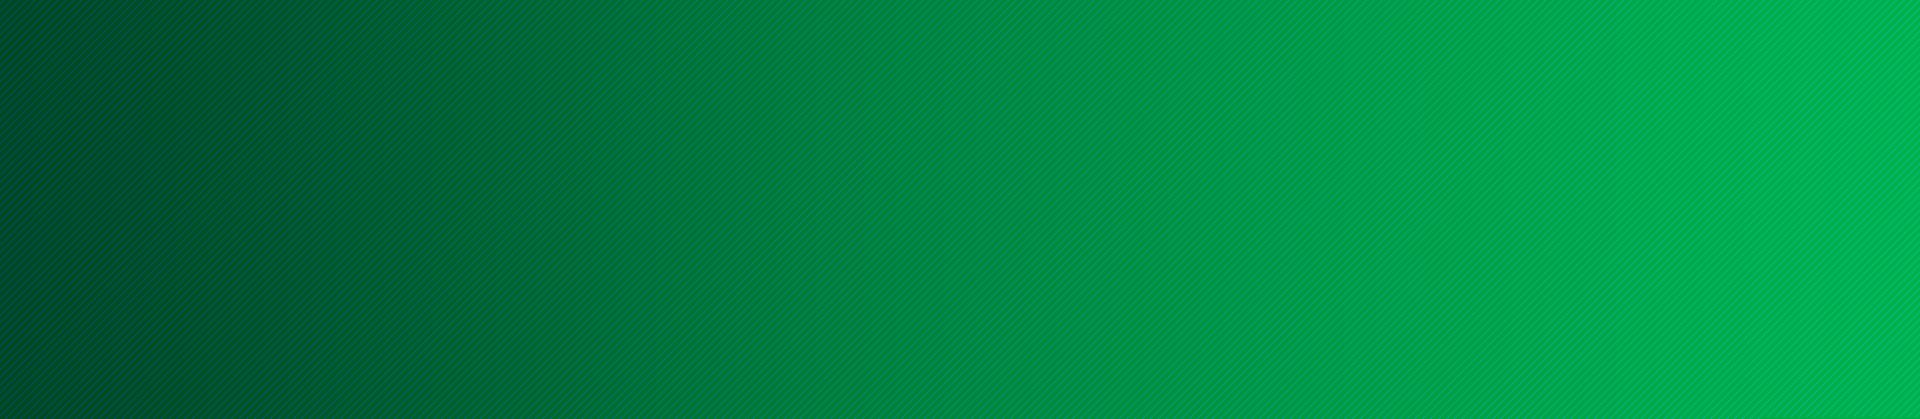 Gradiant1-ZeBus-Chiffres